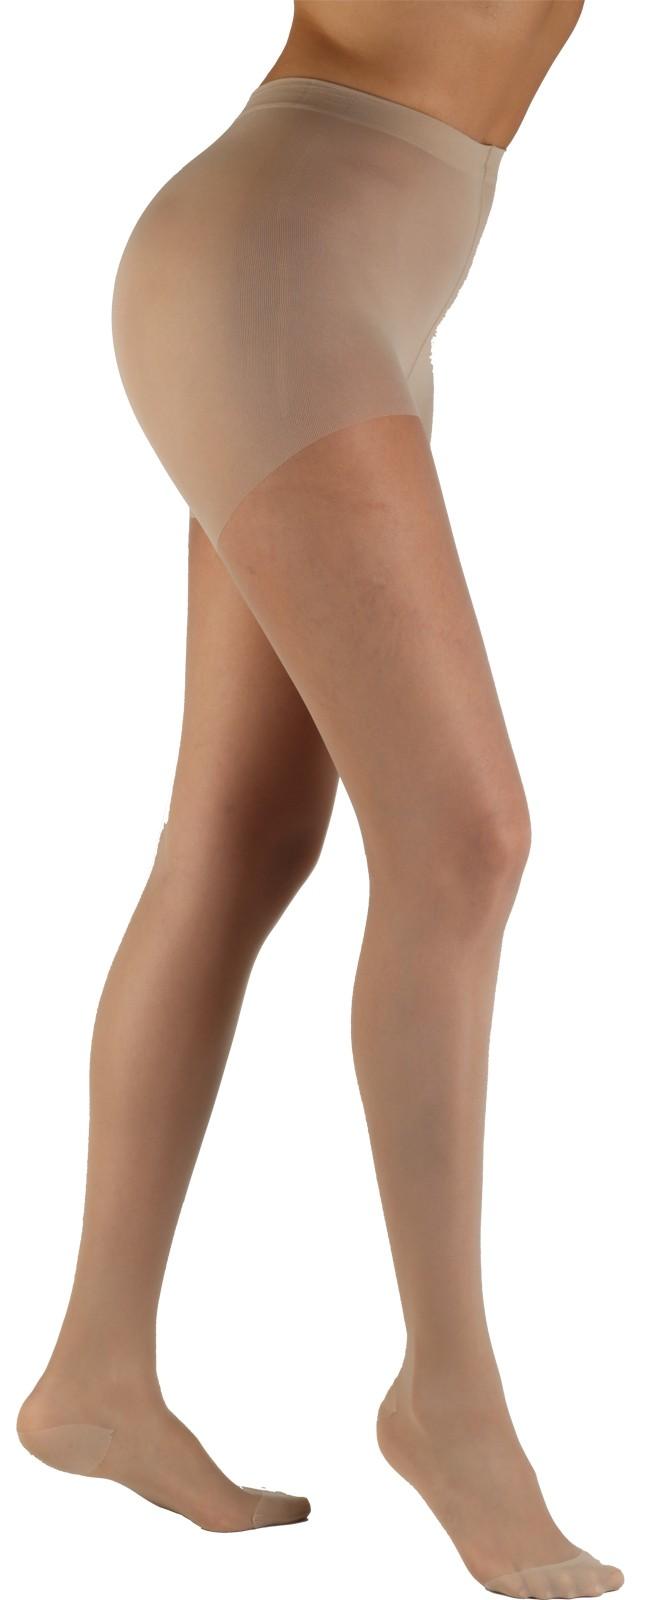 462bffb7d Meia-calça Sigvaris Audace 15 20 mmHg (Suave Compressão) Feminina